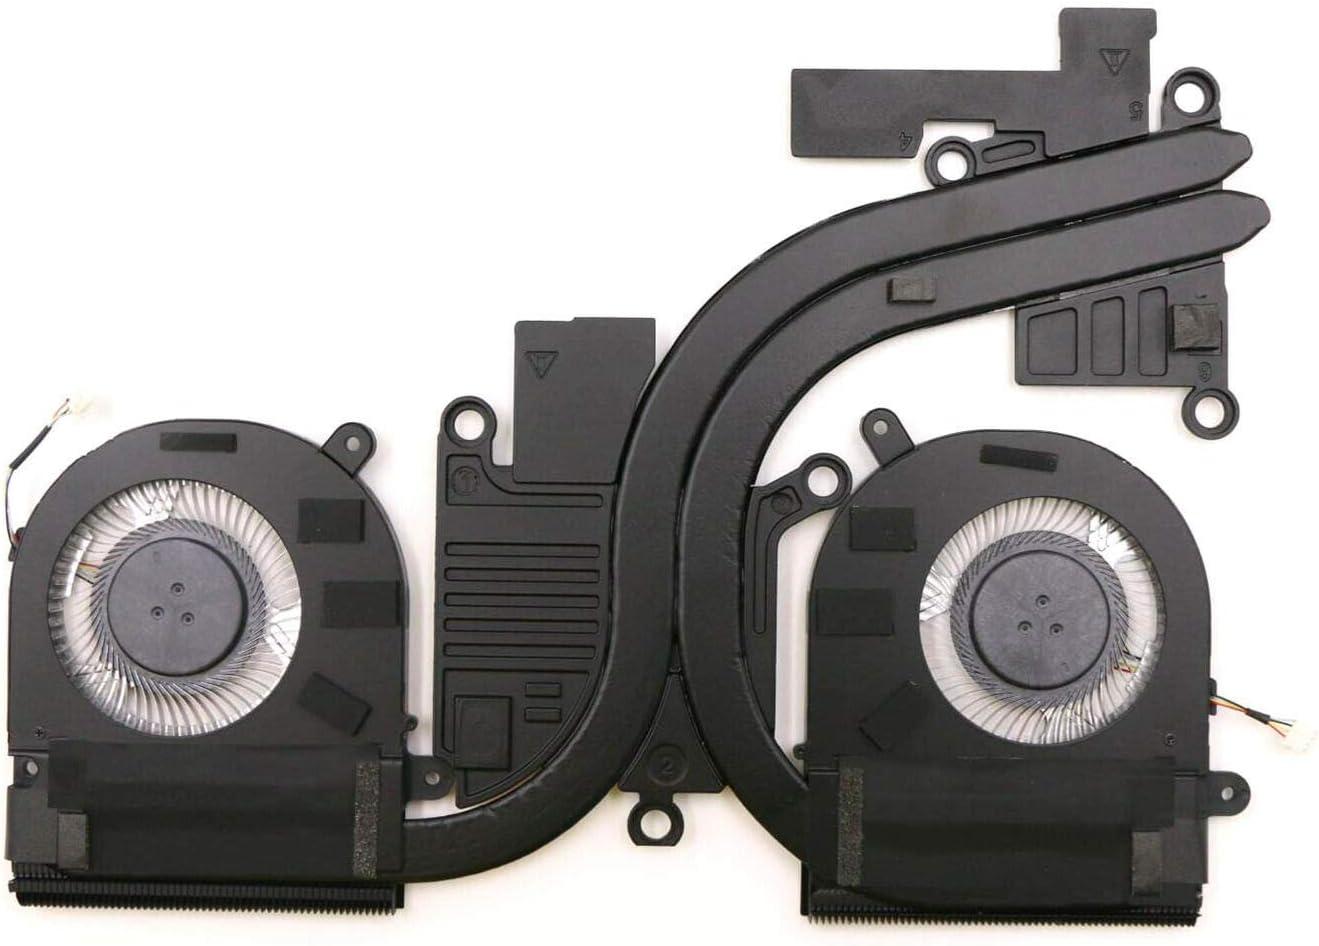 HK-Part Fan for Lenovo Ideapad Yoga 720-15IKB Discrete Fan and Heatsink 5H40N67861